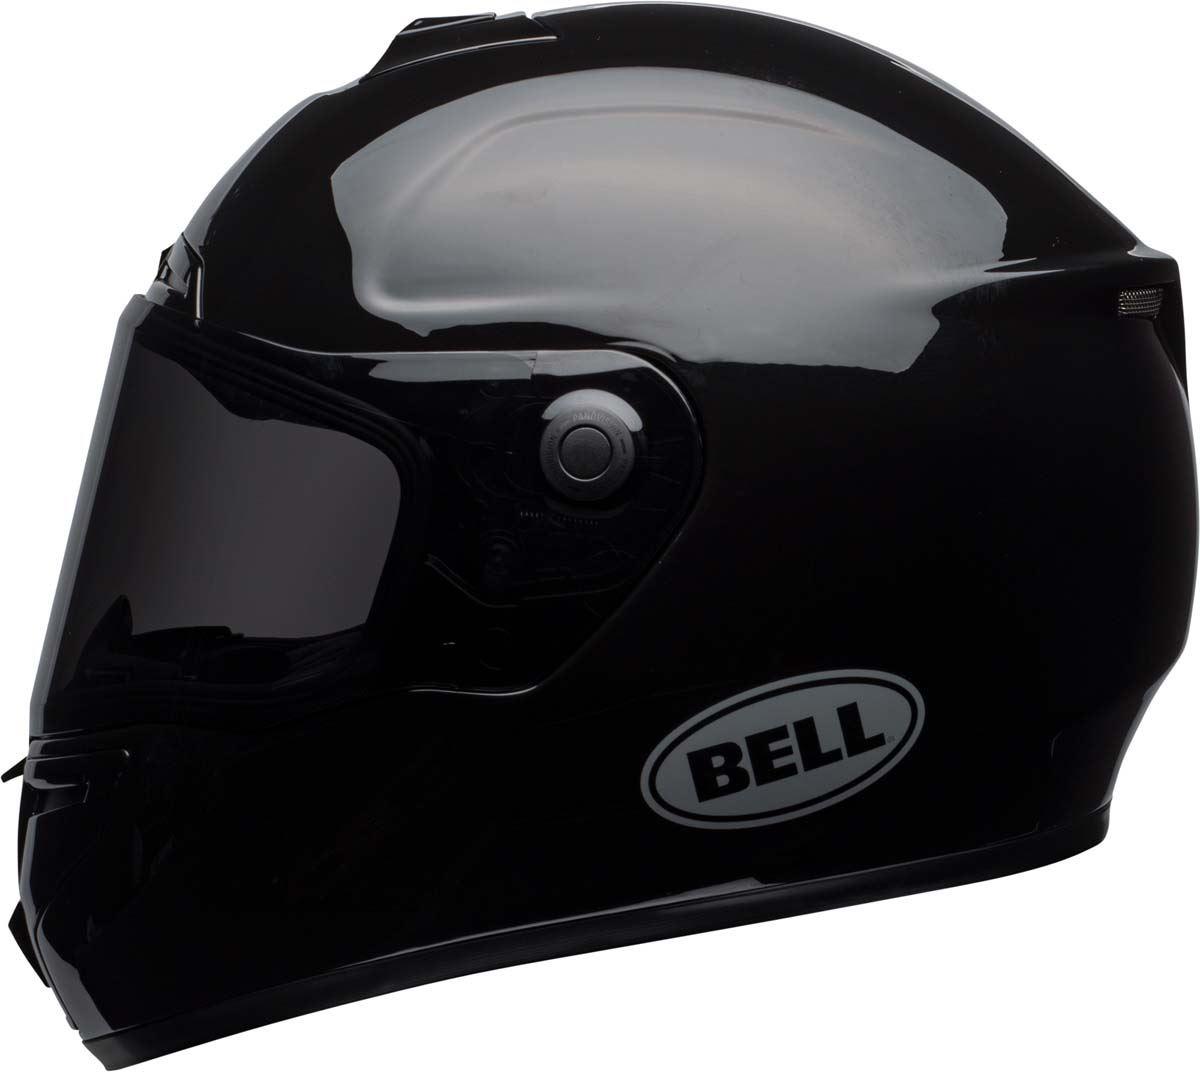 Bell-SRT-Helmet-Full-Face-Eyewear-Friendly-Fiberglass-DOT-SNELL-M2015-XS-2XL miniature 15